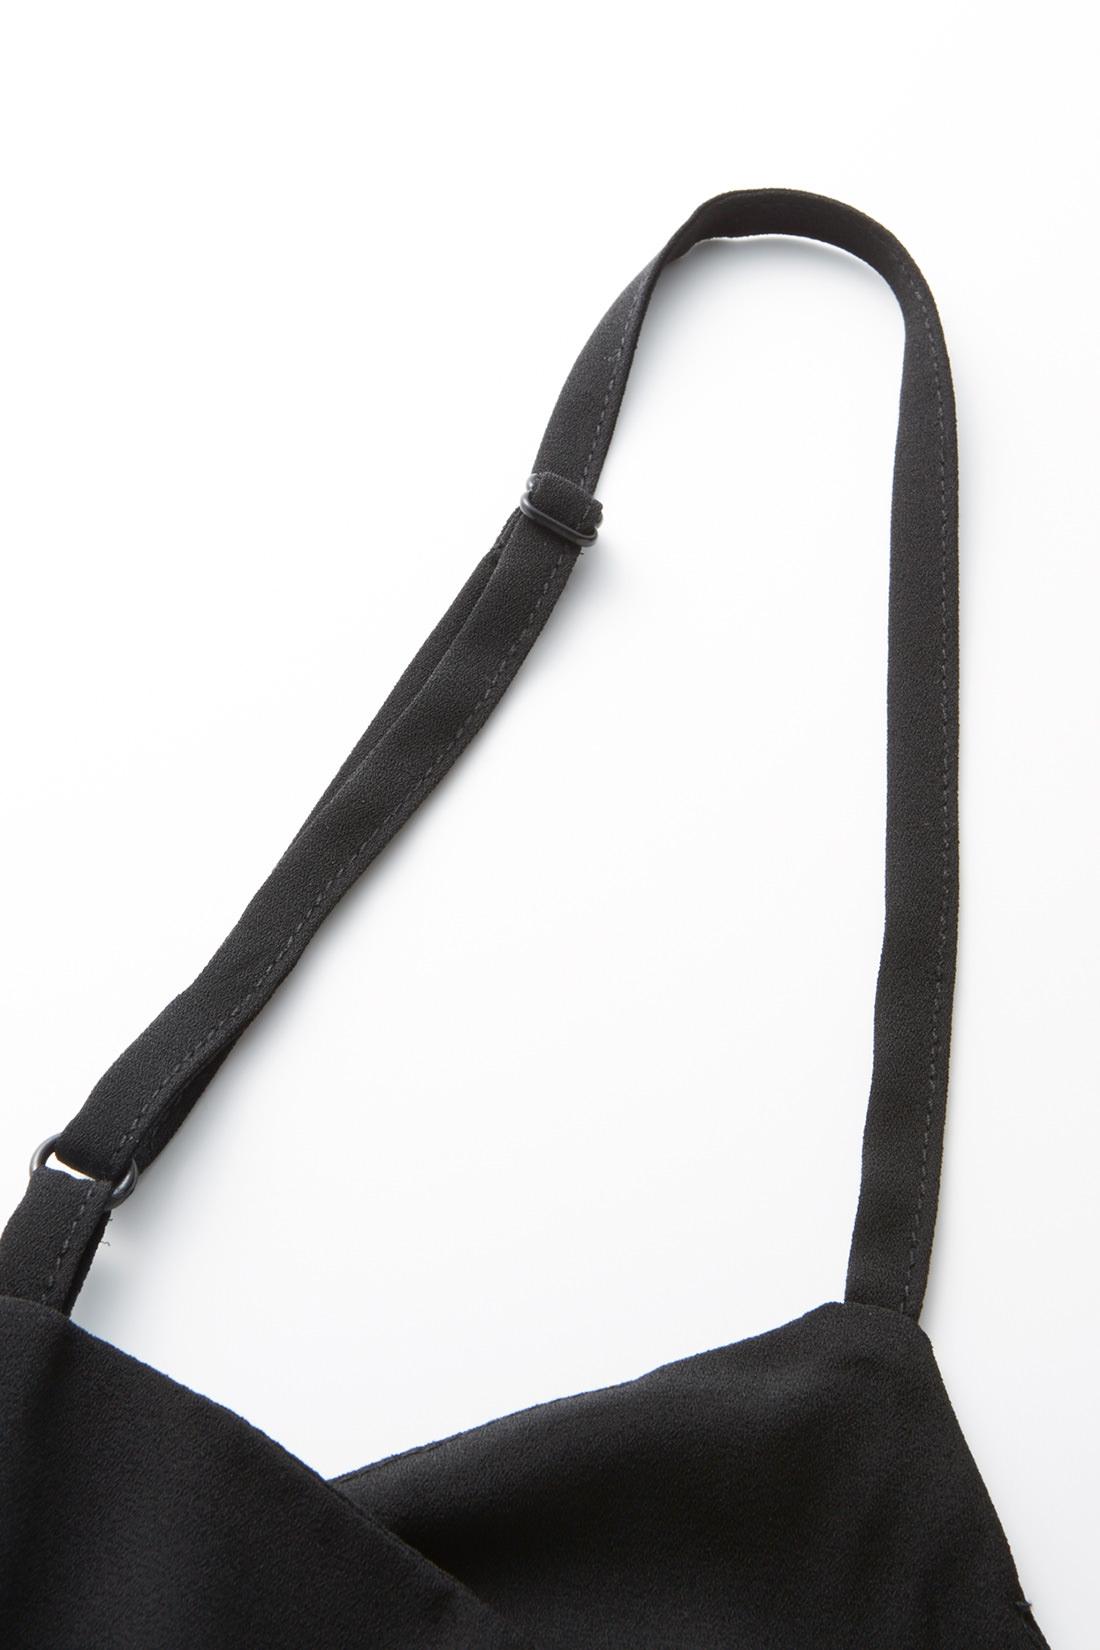 肩ひもは長さ調整可能 重ねるアイテムや身長に応じて、長さを変えてフィット感を調整できるアジャスター仕様。